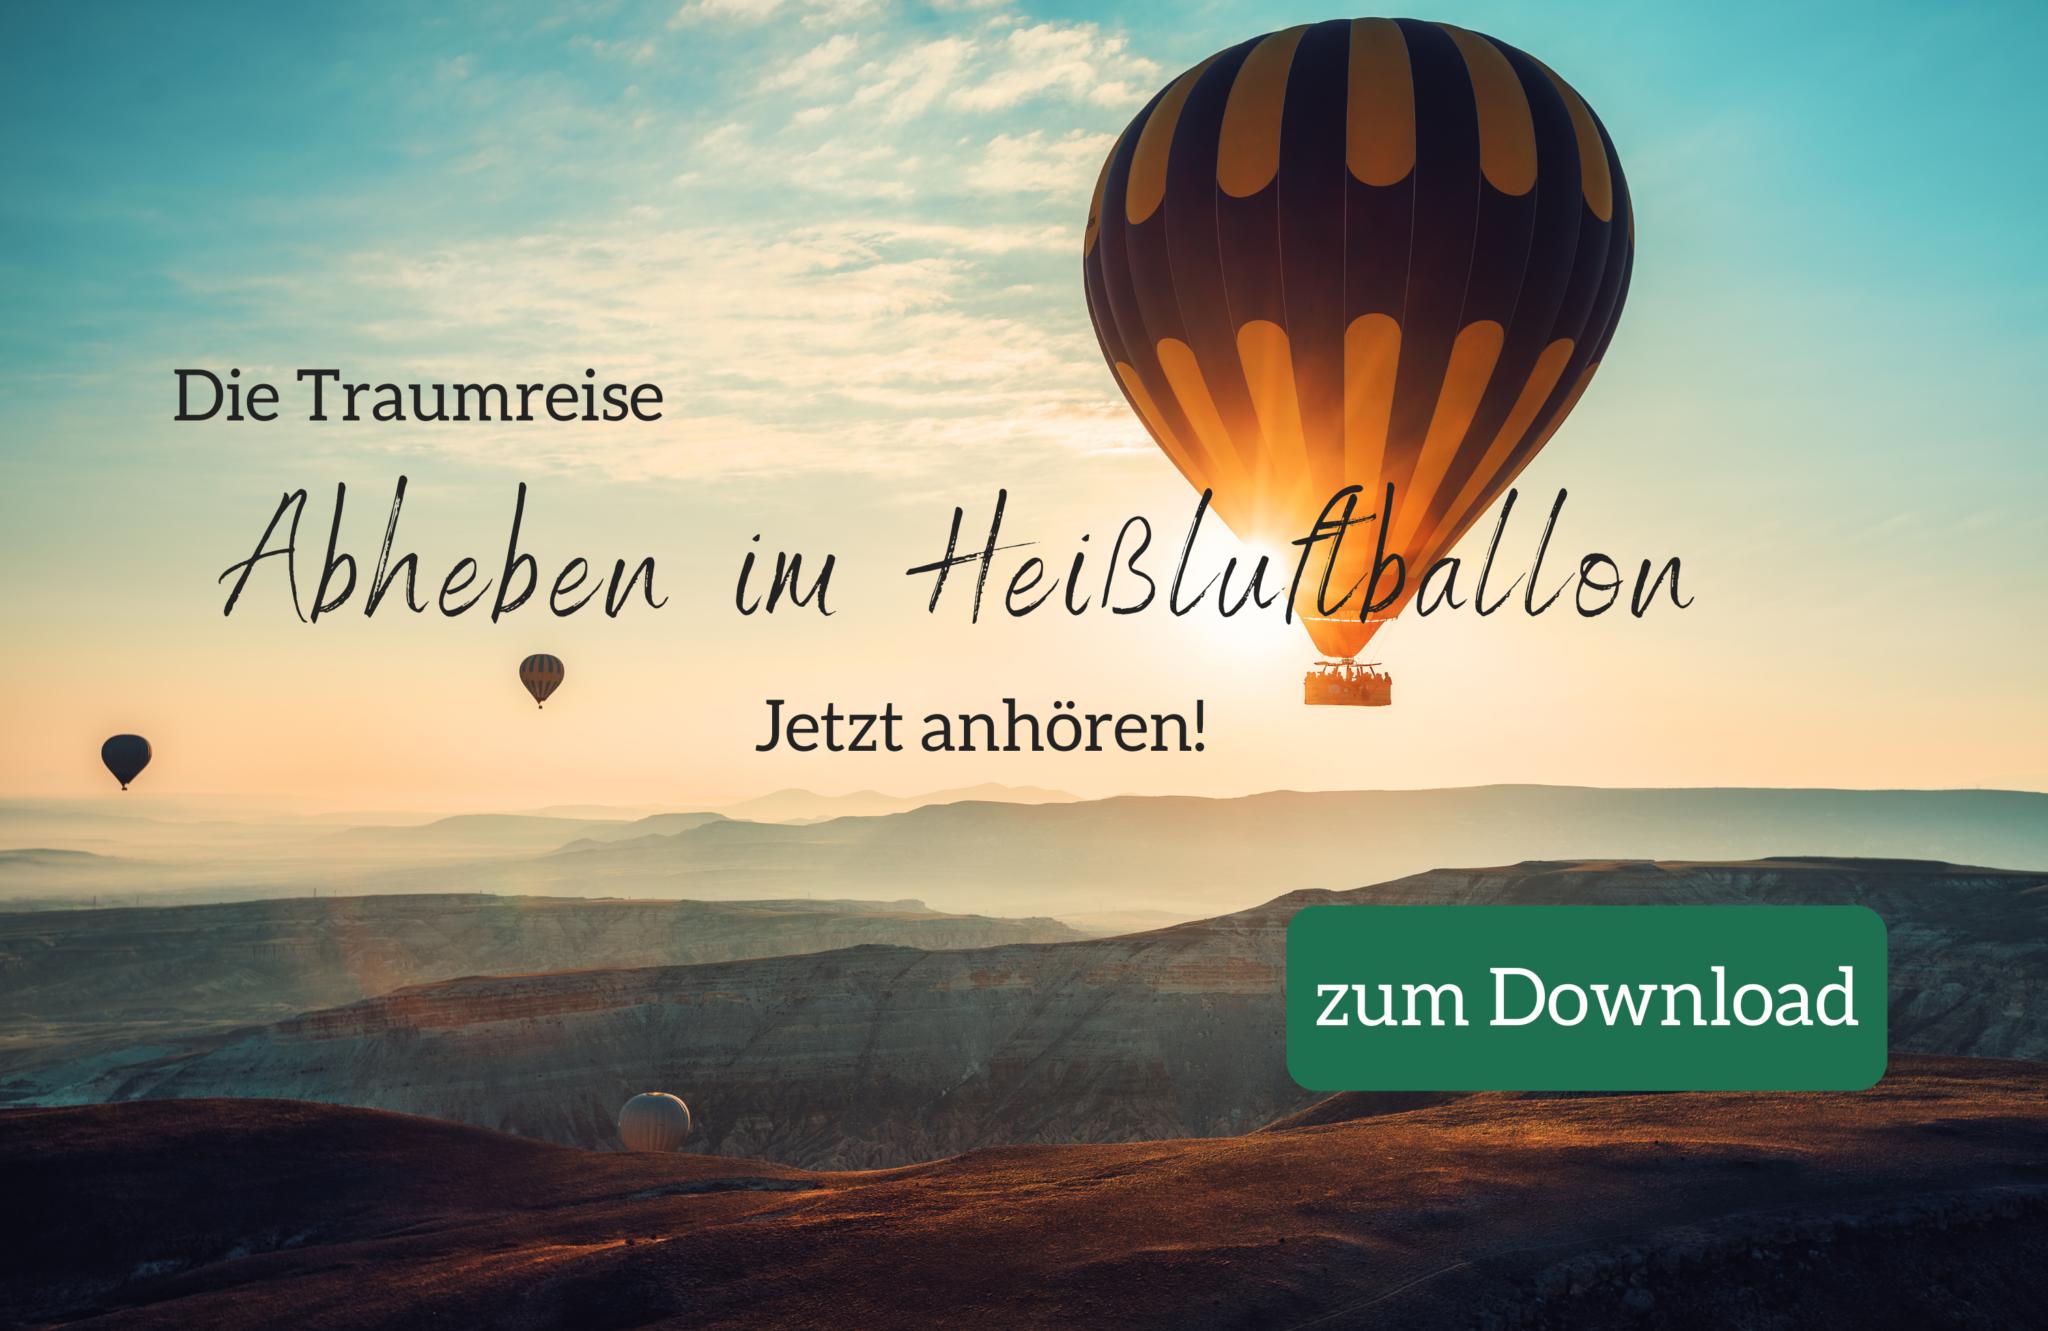 Diplom Psychologin Psychologe 74821 Mosbach Traumreise Freiheit fliegen Heißluftsballon Entspannungsreisen Entspannungsgeschichten Entspannung Erwachsene CTA H